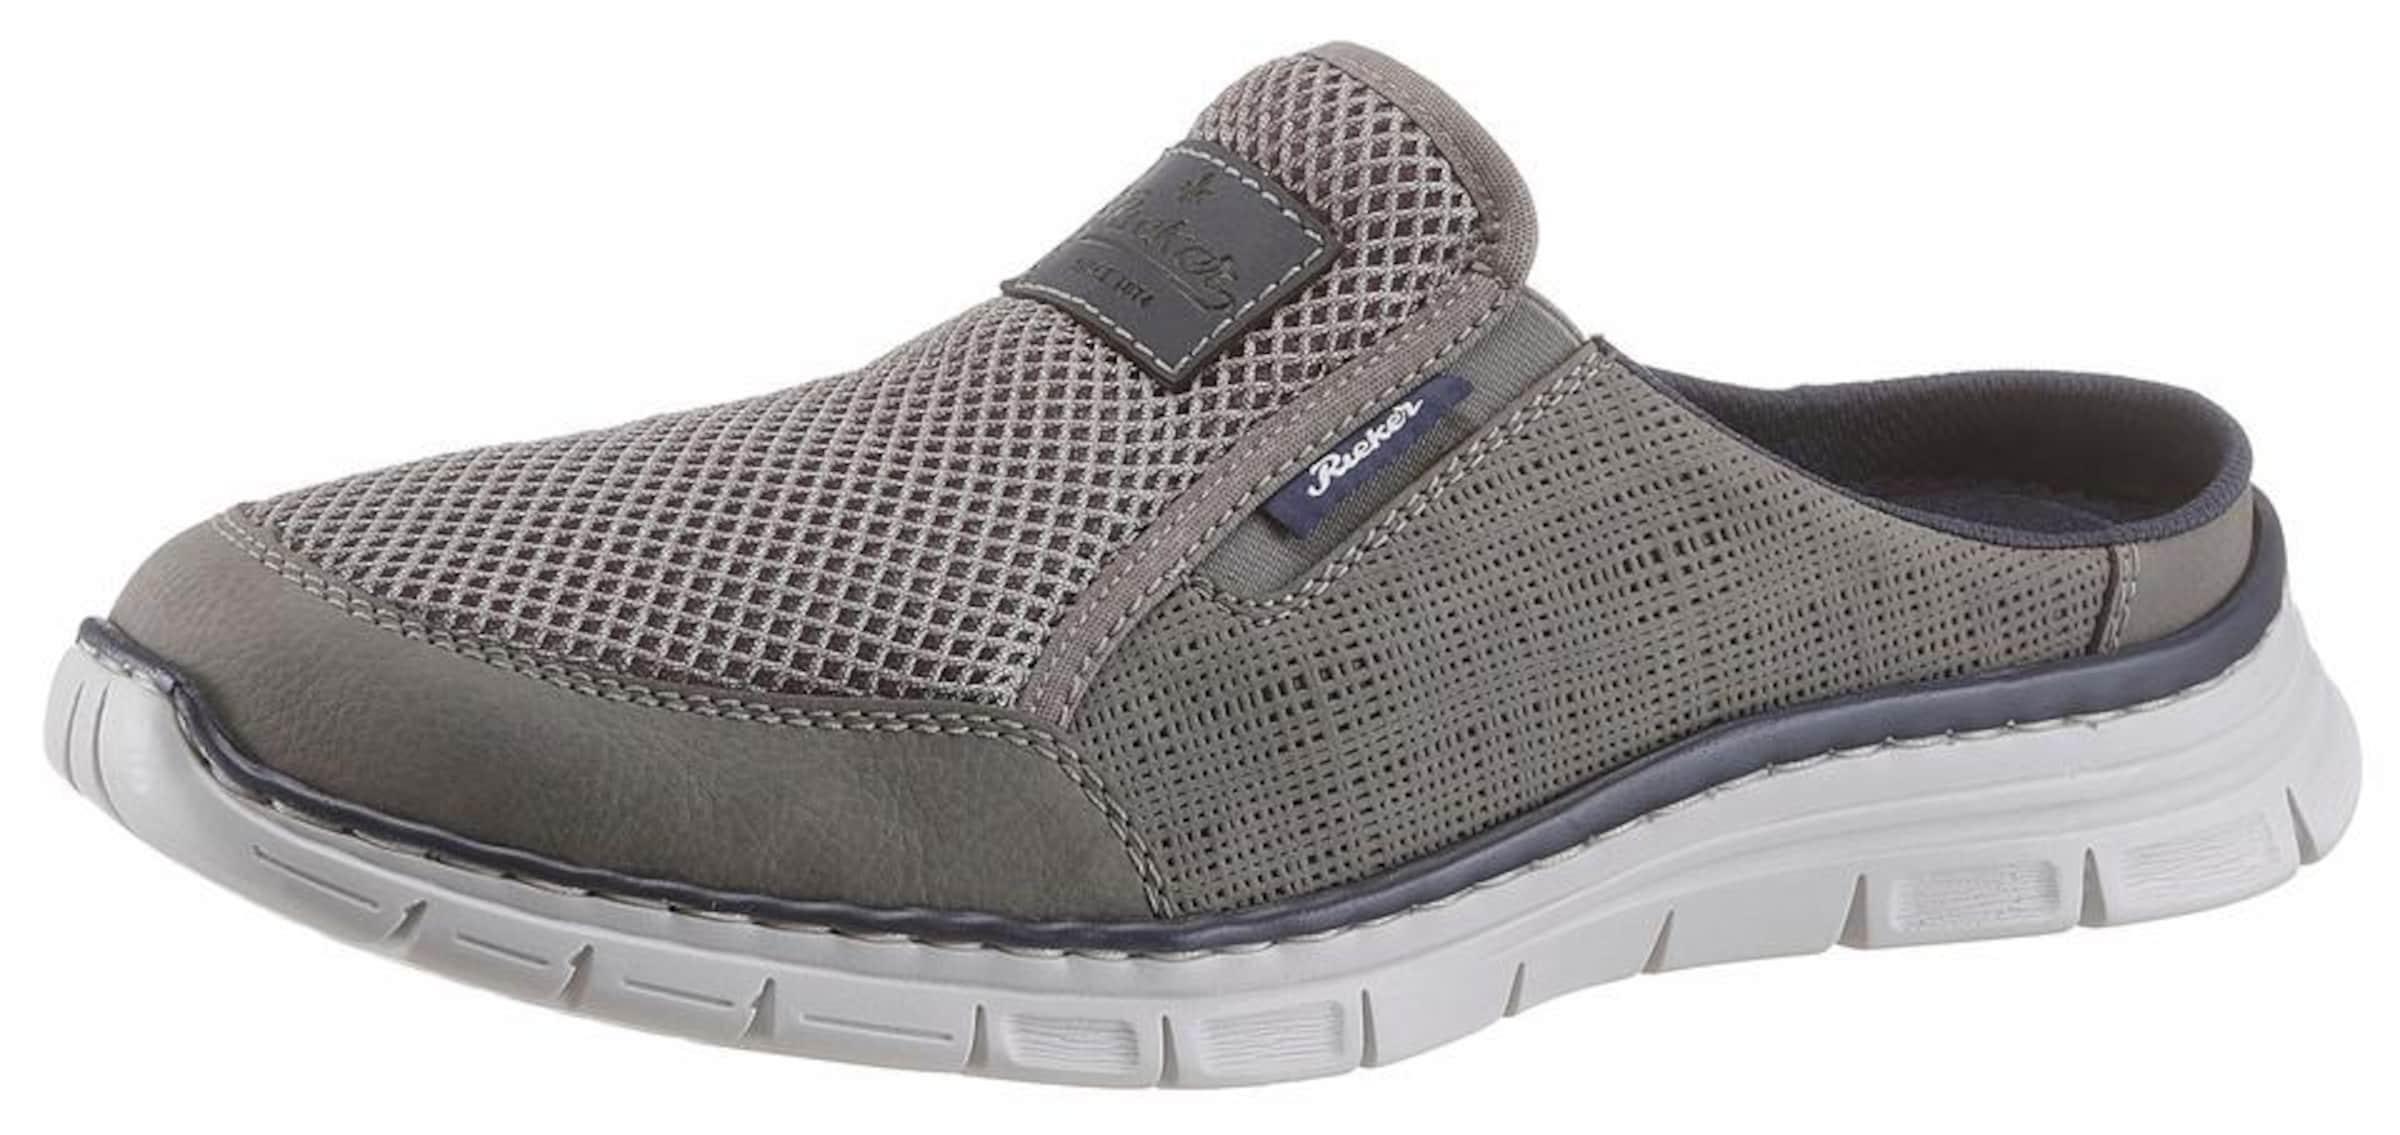 RIEKER Slipper Casual Verschleißfeste billige Schuhe